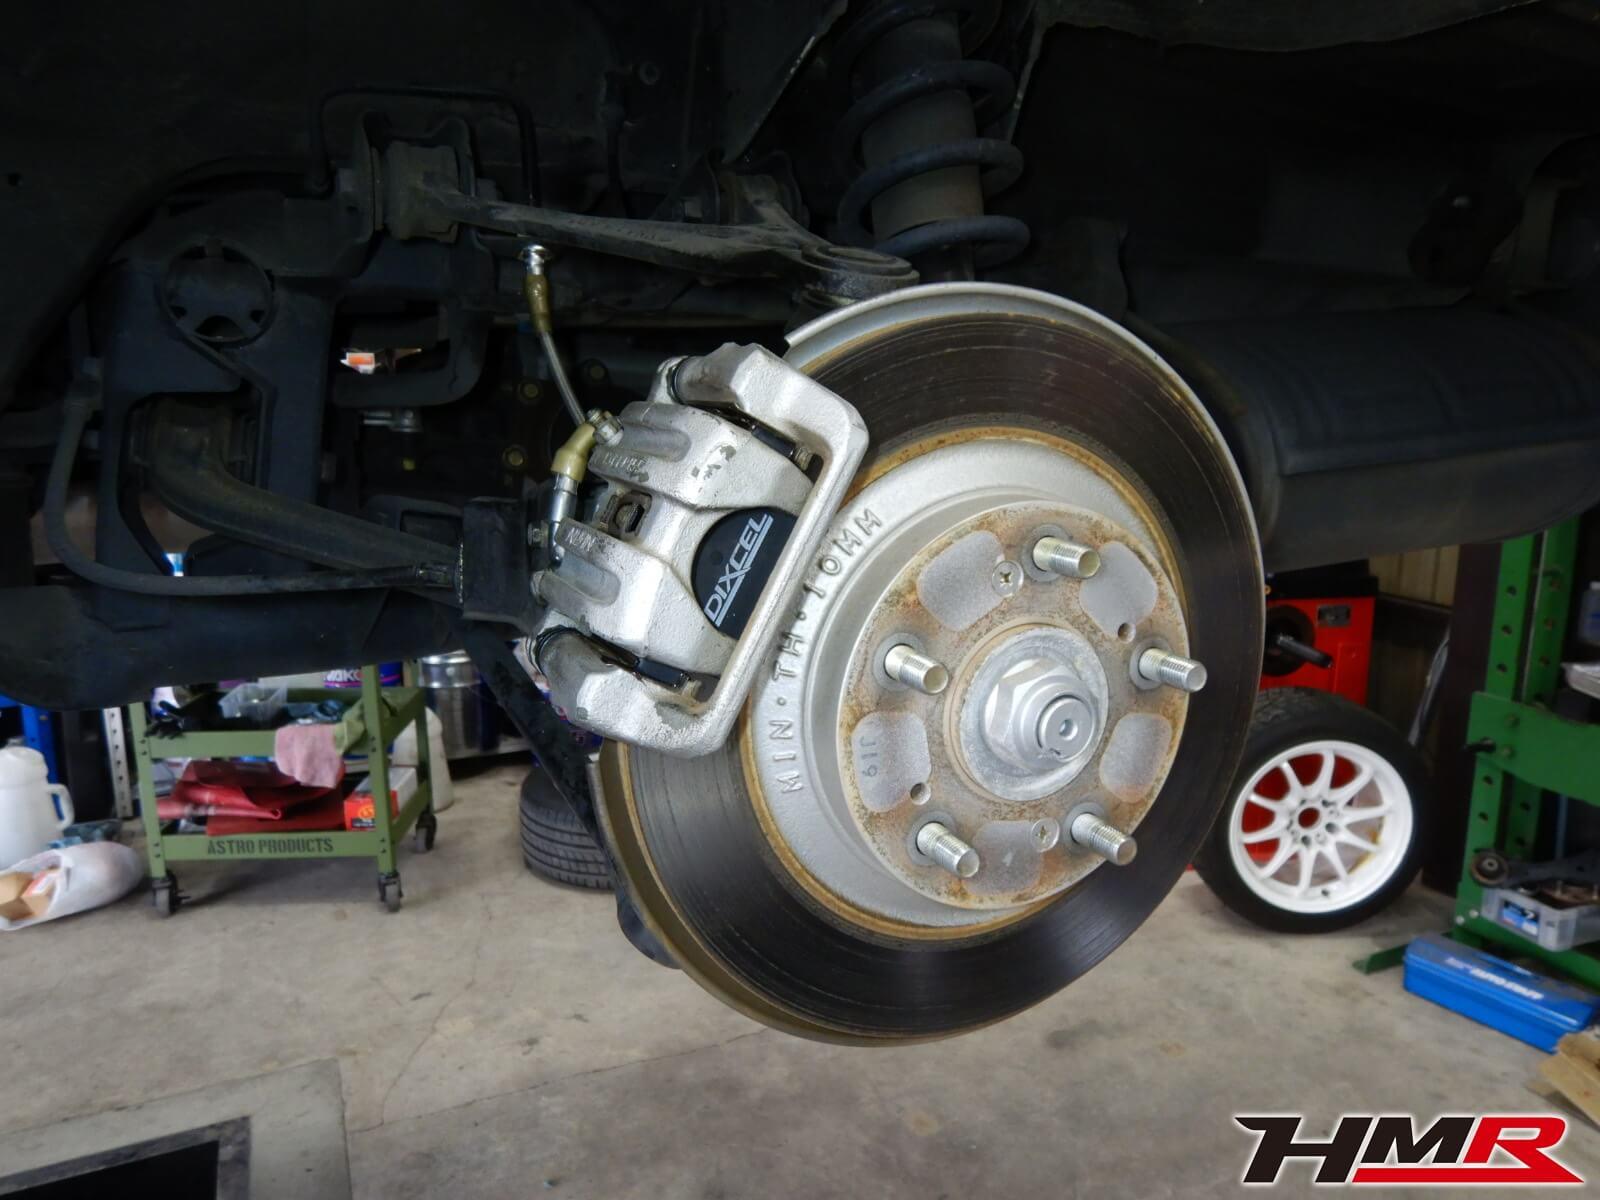 S2000(AP1)ブレーキオーバーホール 無限マイクロメッシュブレーキライン